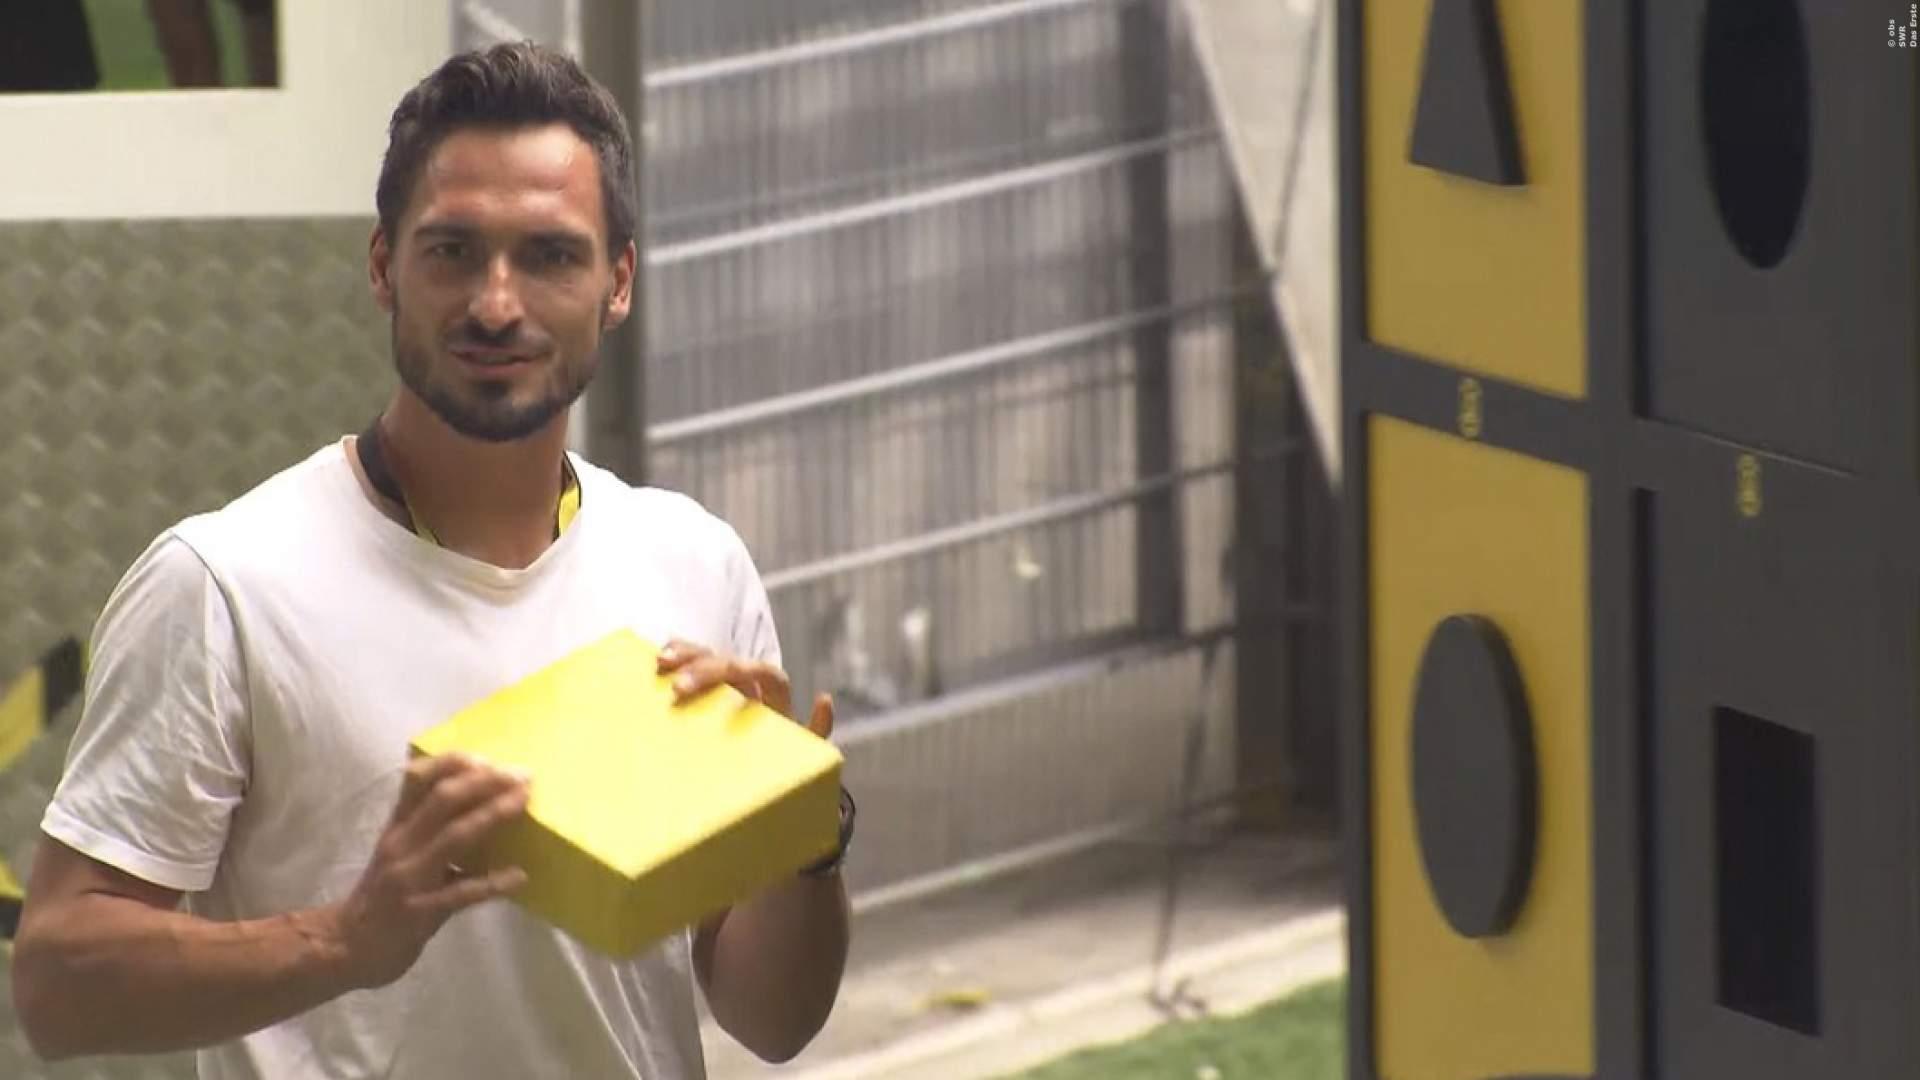 VIDEO: BVB-Stars fies verarscht - Und die Kamera lief mit